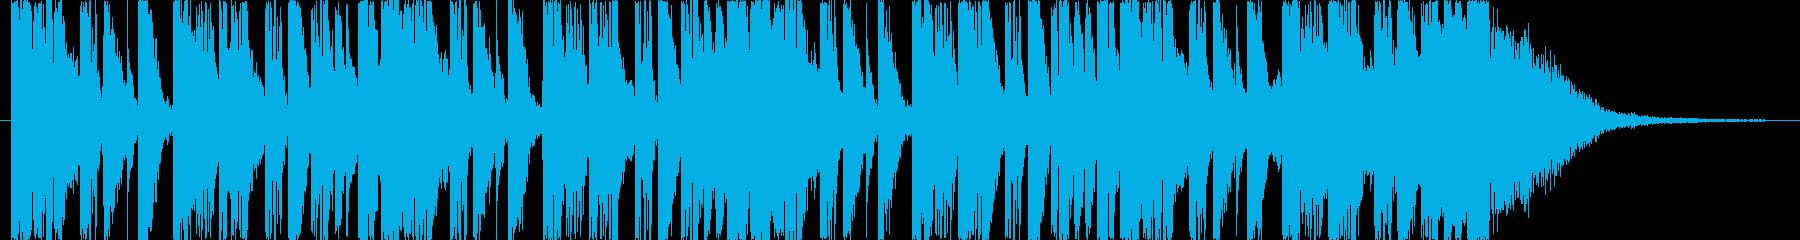 番組アタックやCM,ジングルに最適リズムの再生済みの波形